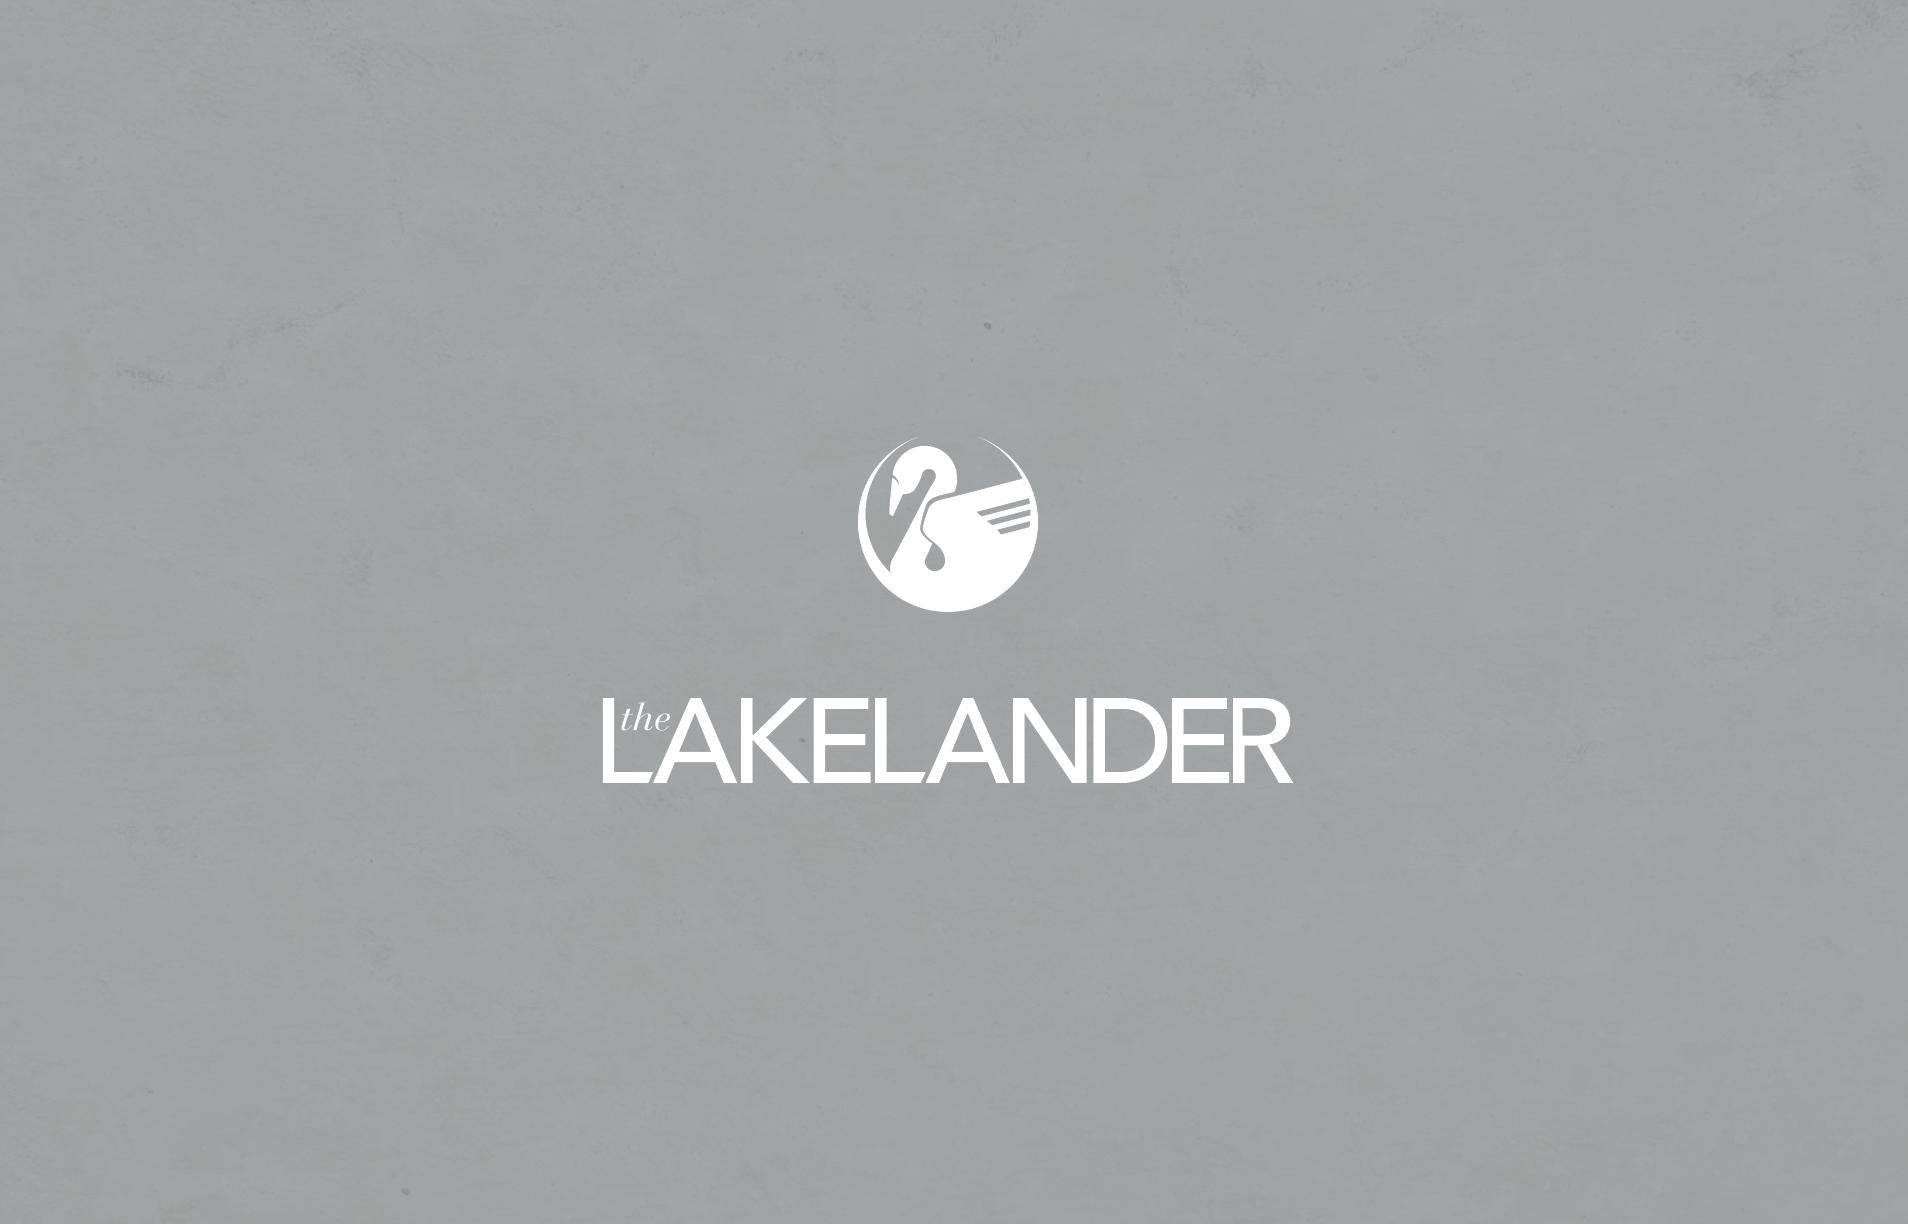 Lakelander full logo.png